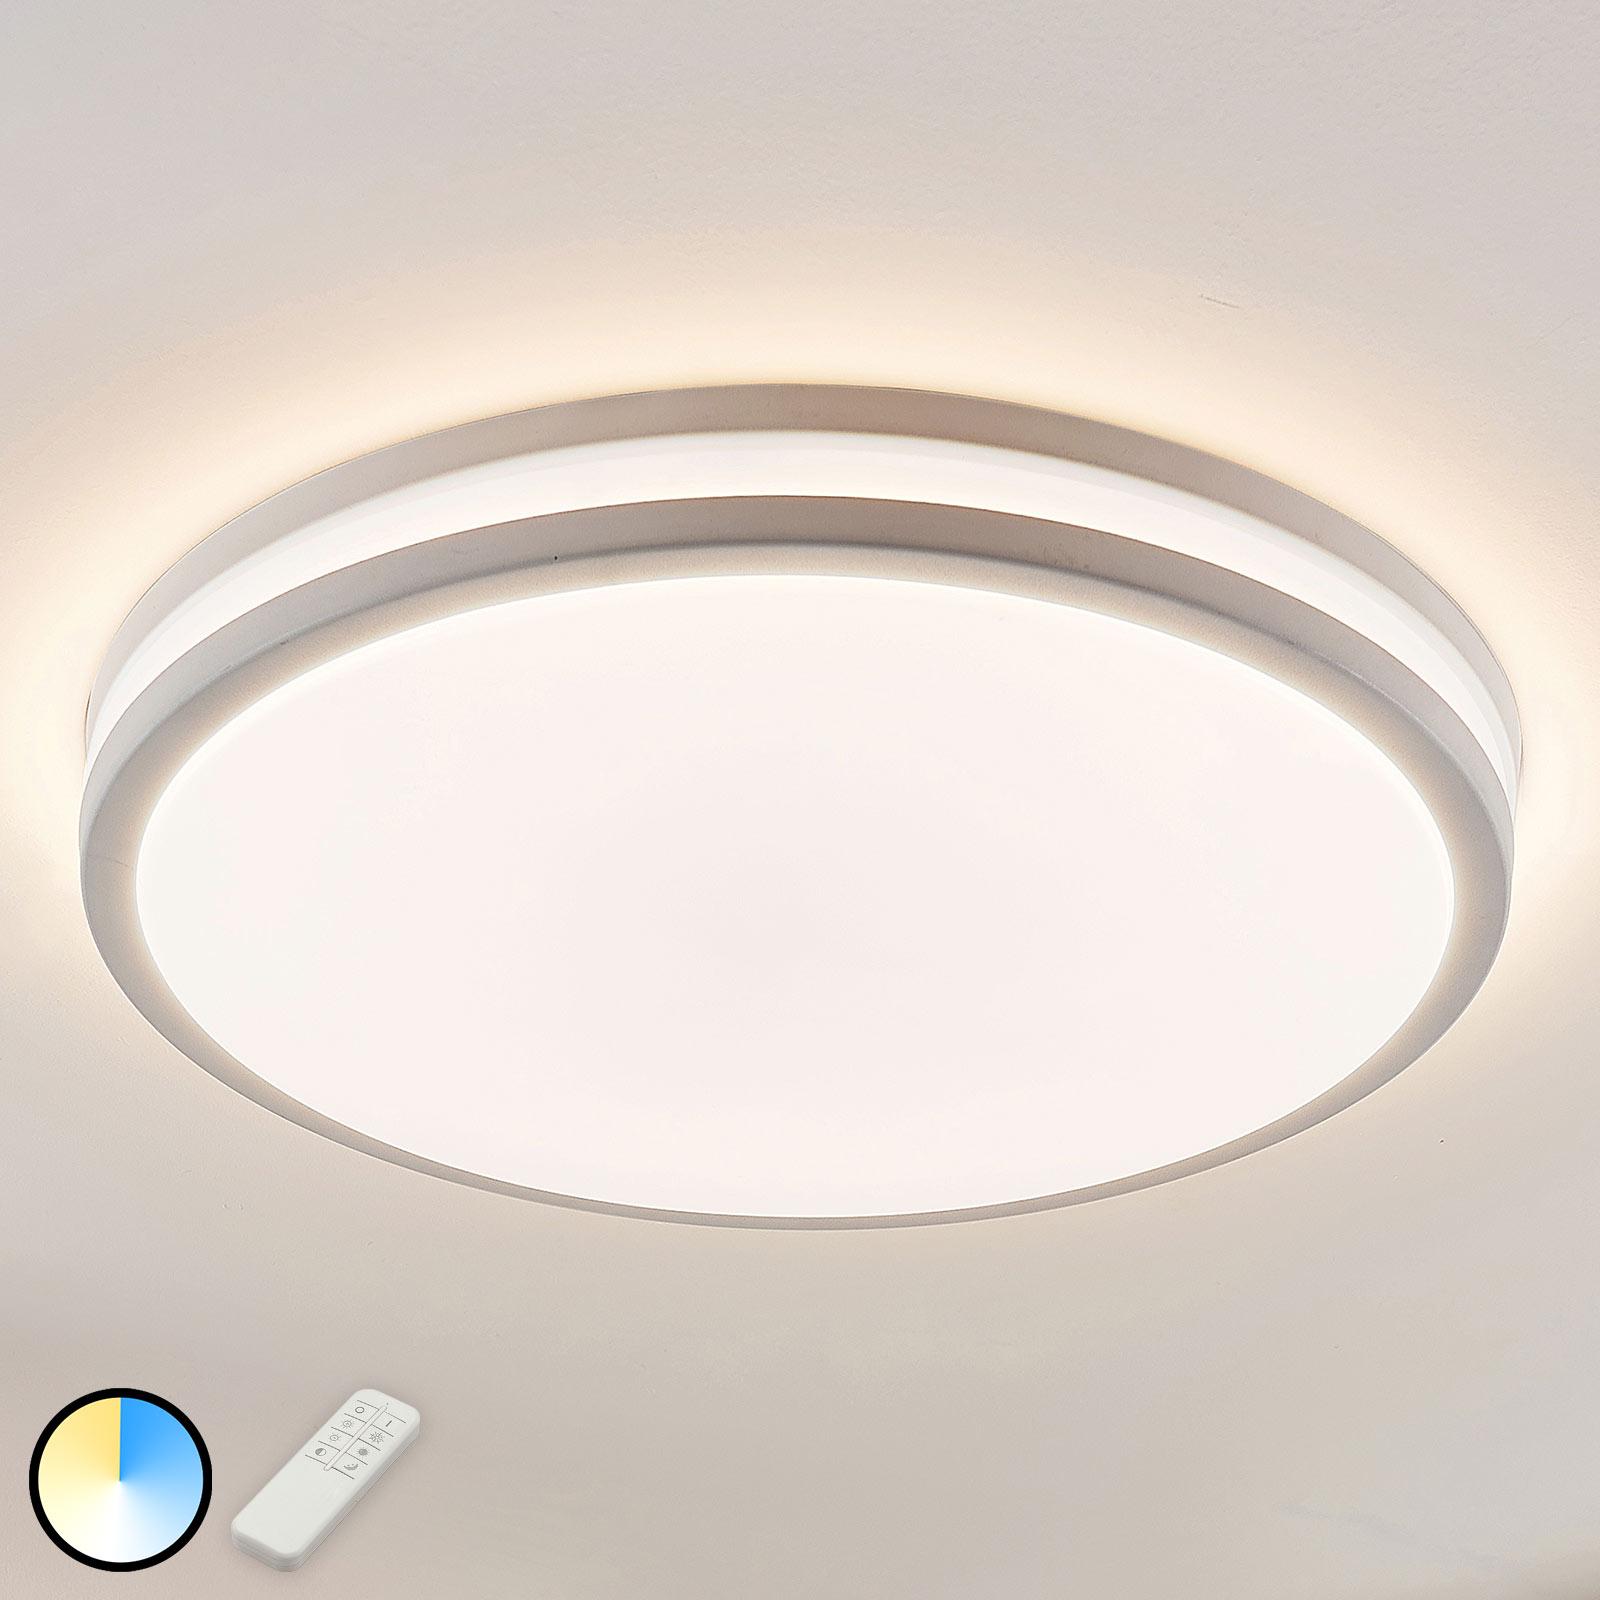 LED-kattovalaisin Arnim valkoisena, pyöreä muoto